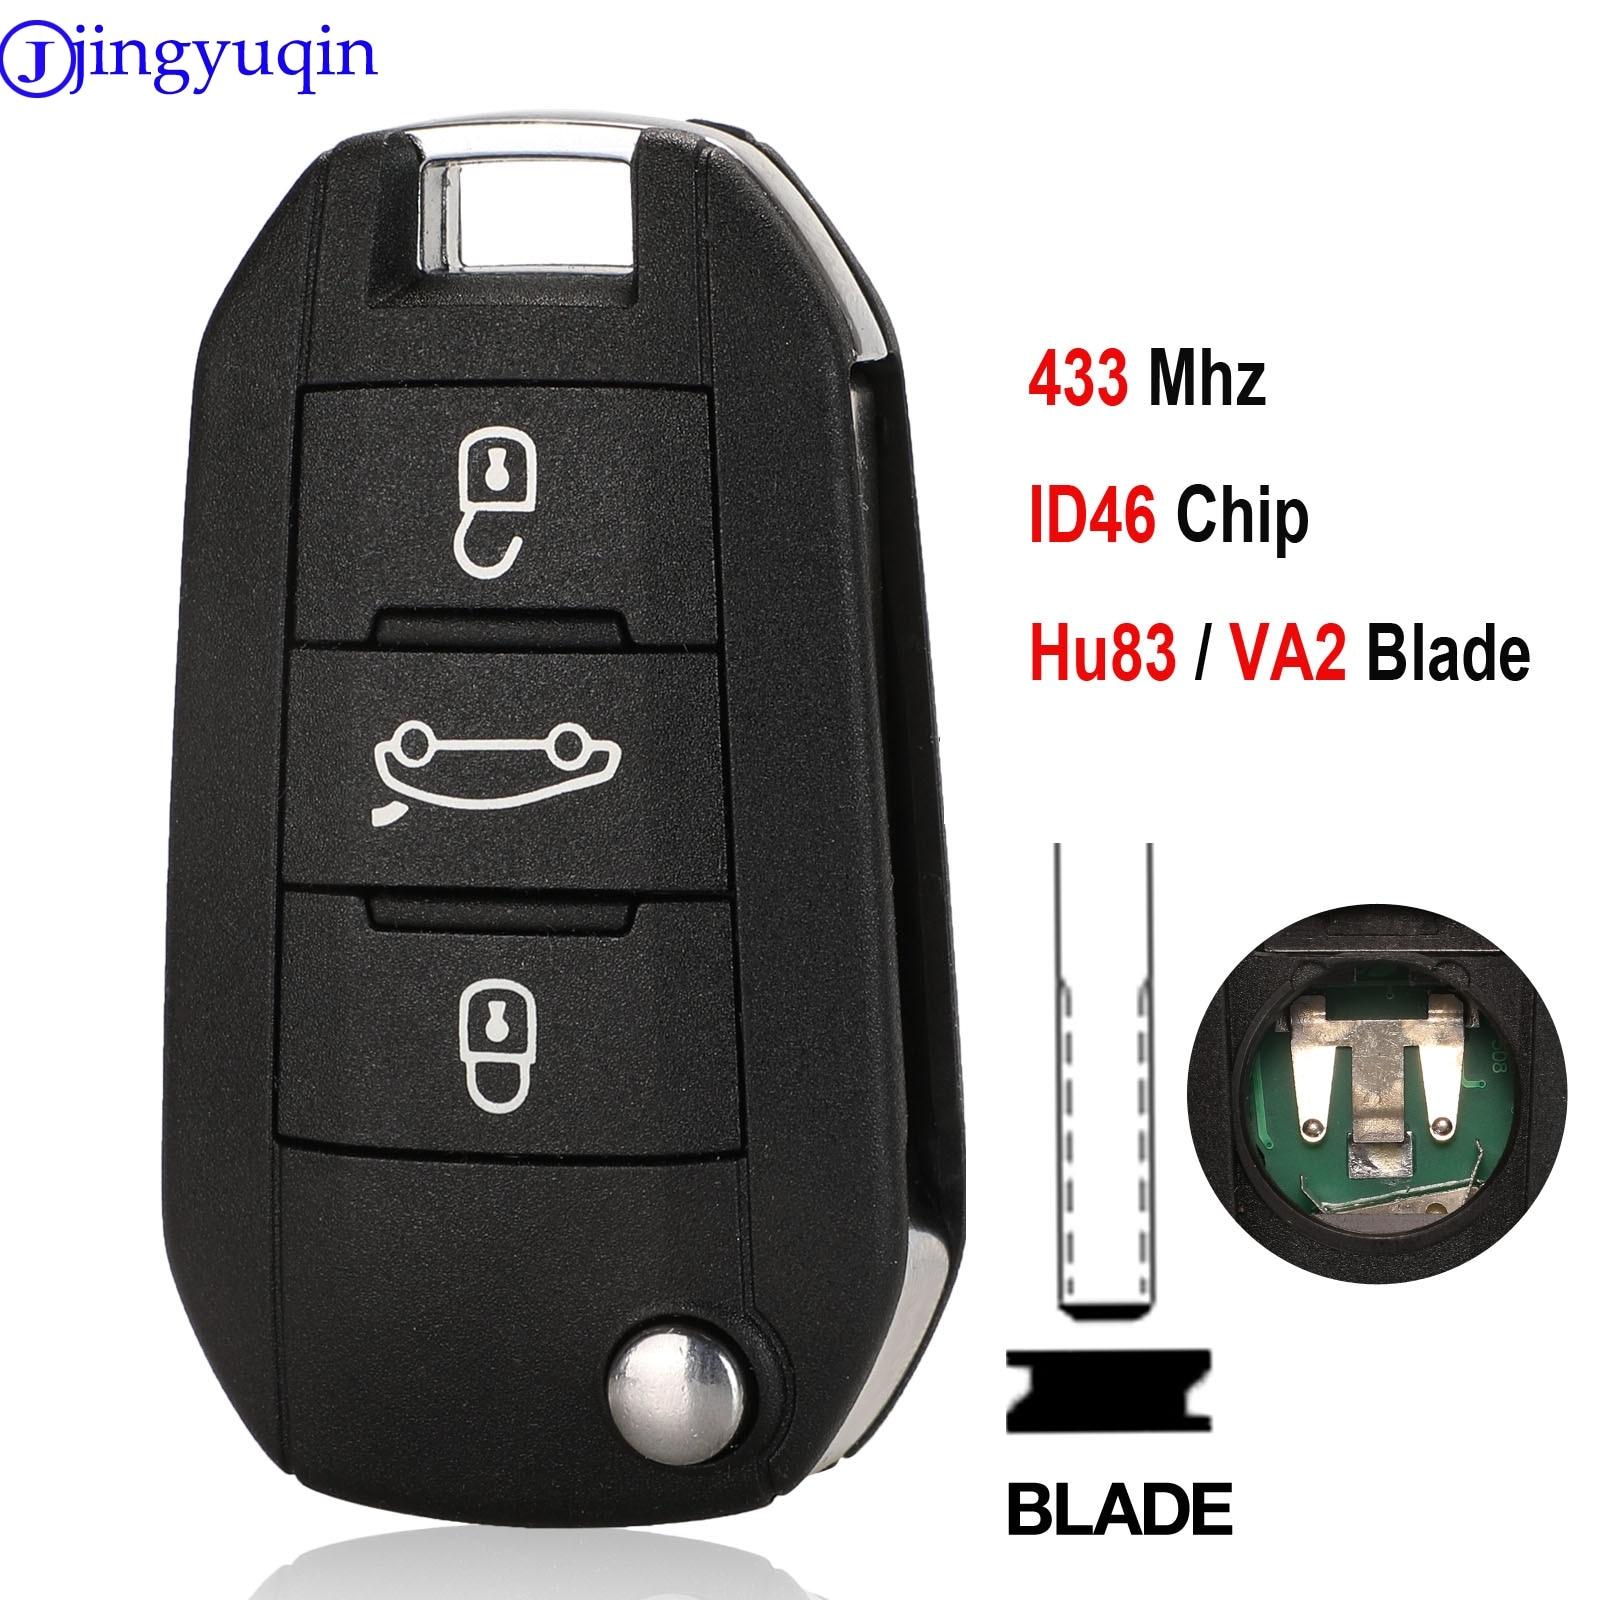 jingyuqin Car Remote Key For Peugeot 208 2008 301 308 508 Hella For citroen 434MHz ID46 VA2 Blade|Car Key| |  - title=